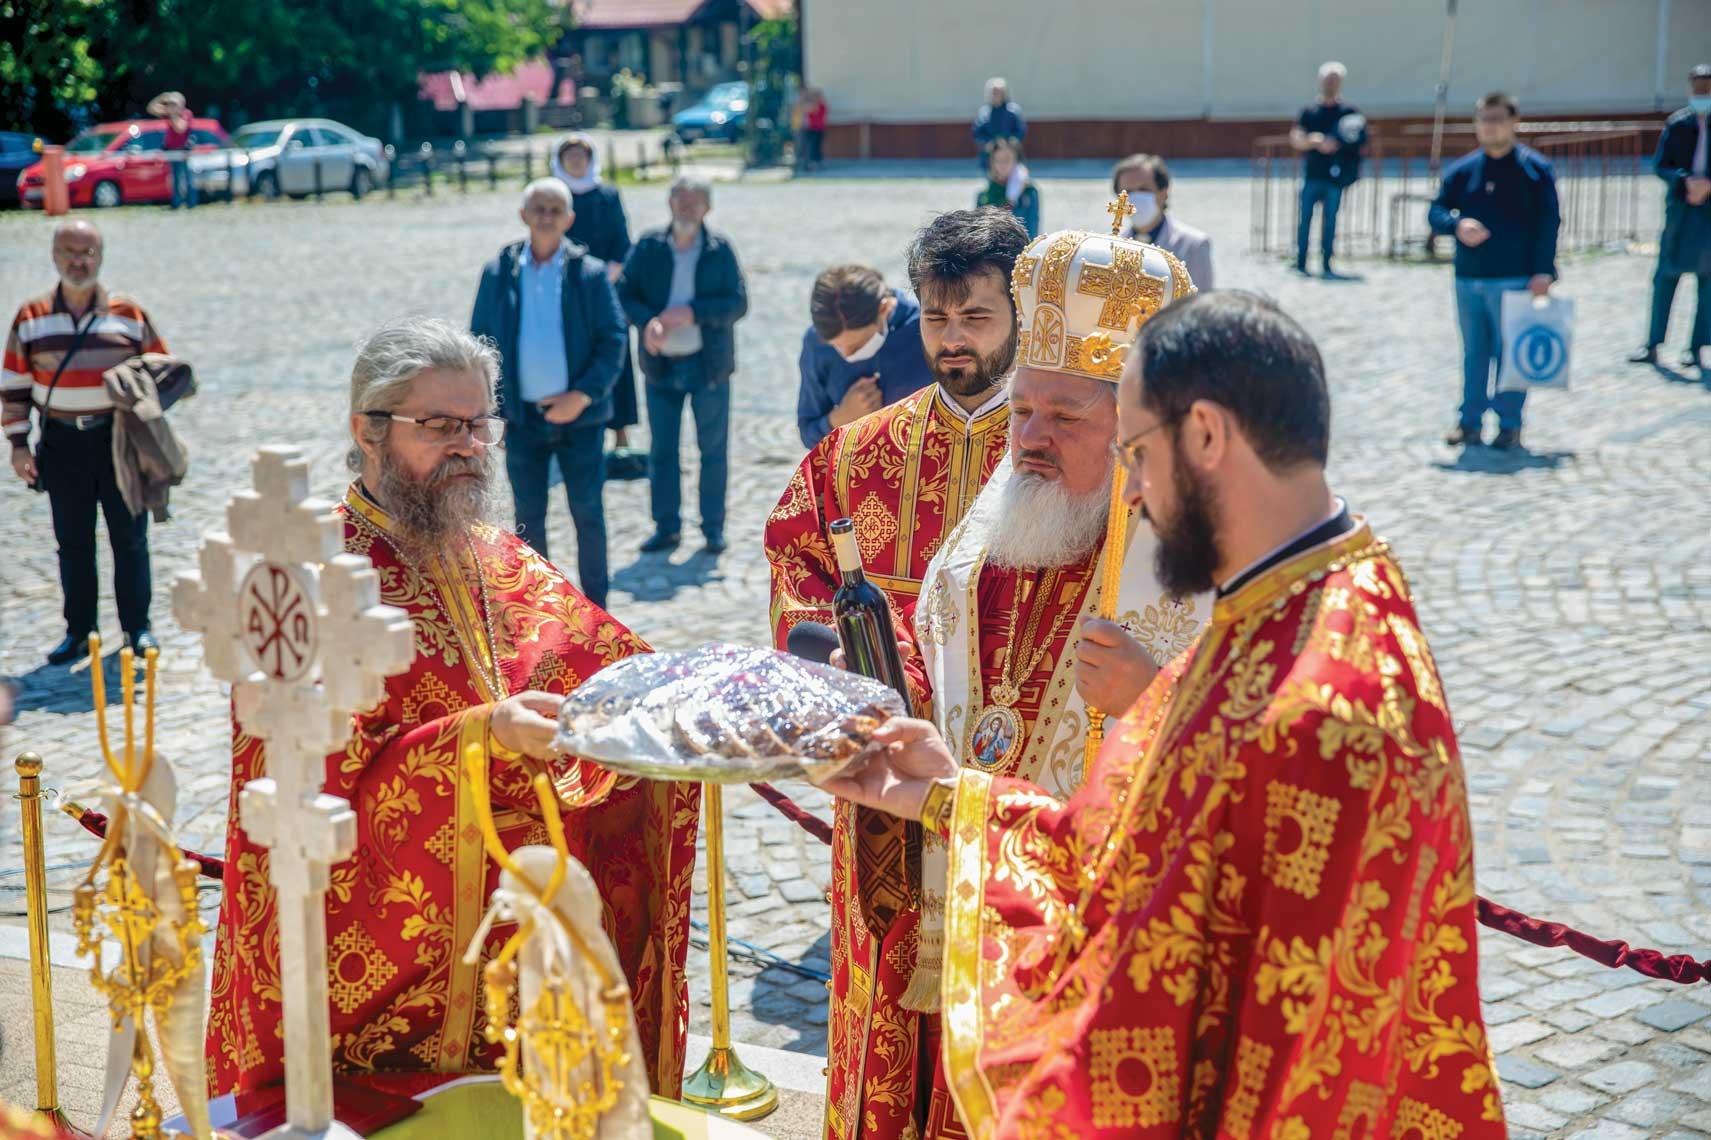 Reprezentanții români la semnarea Tratatului de la Trianon, pomeniți la Patriarhie